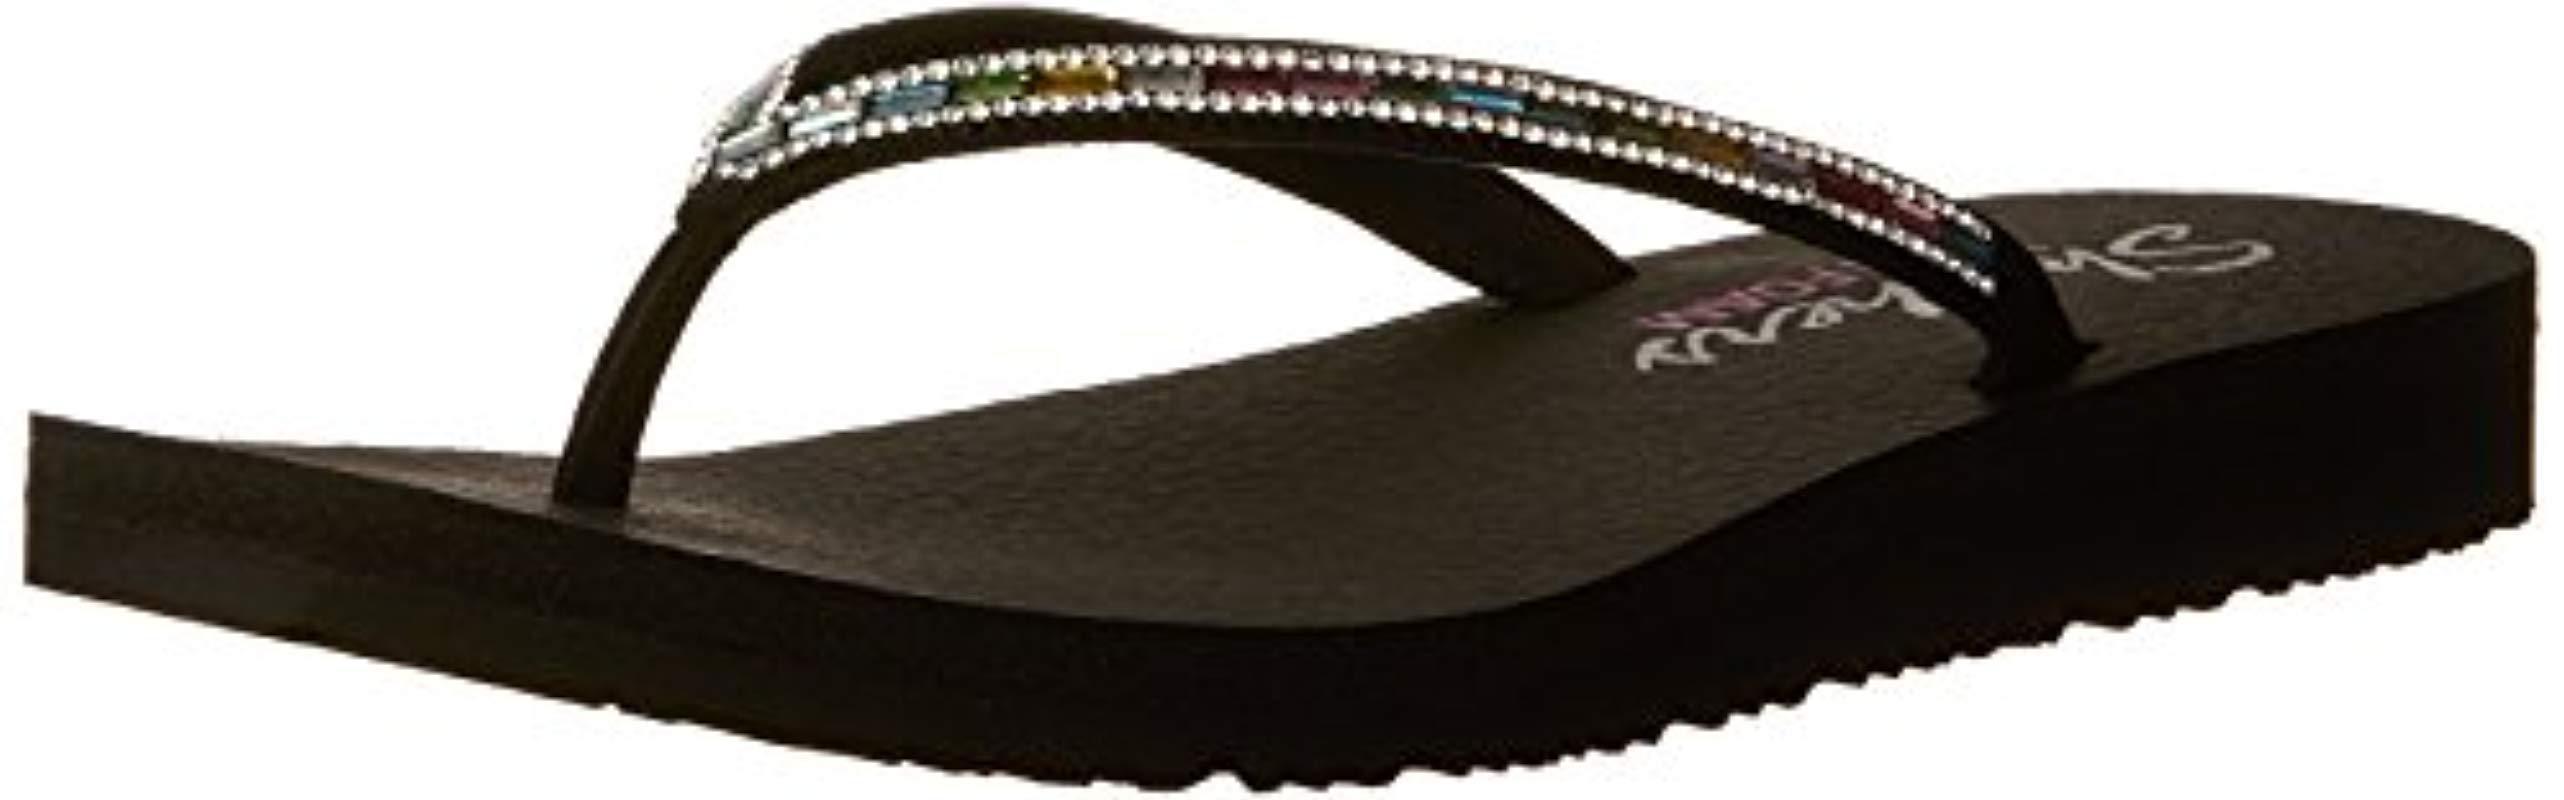 03f53d063724 Lyst - Skechers Meditation-desert Princess Flip-flop in Black - Save ...